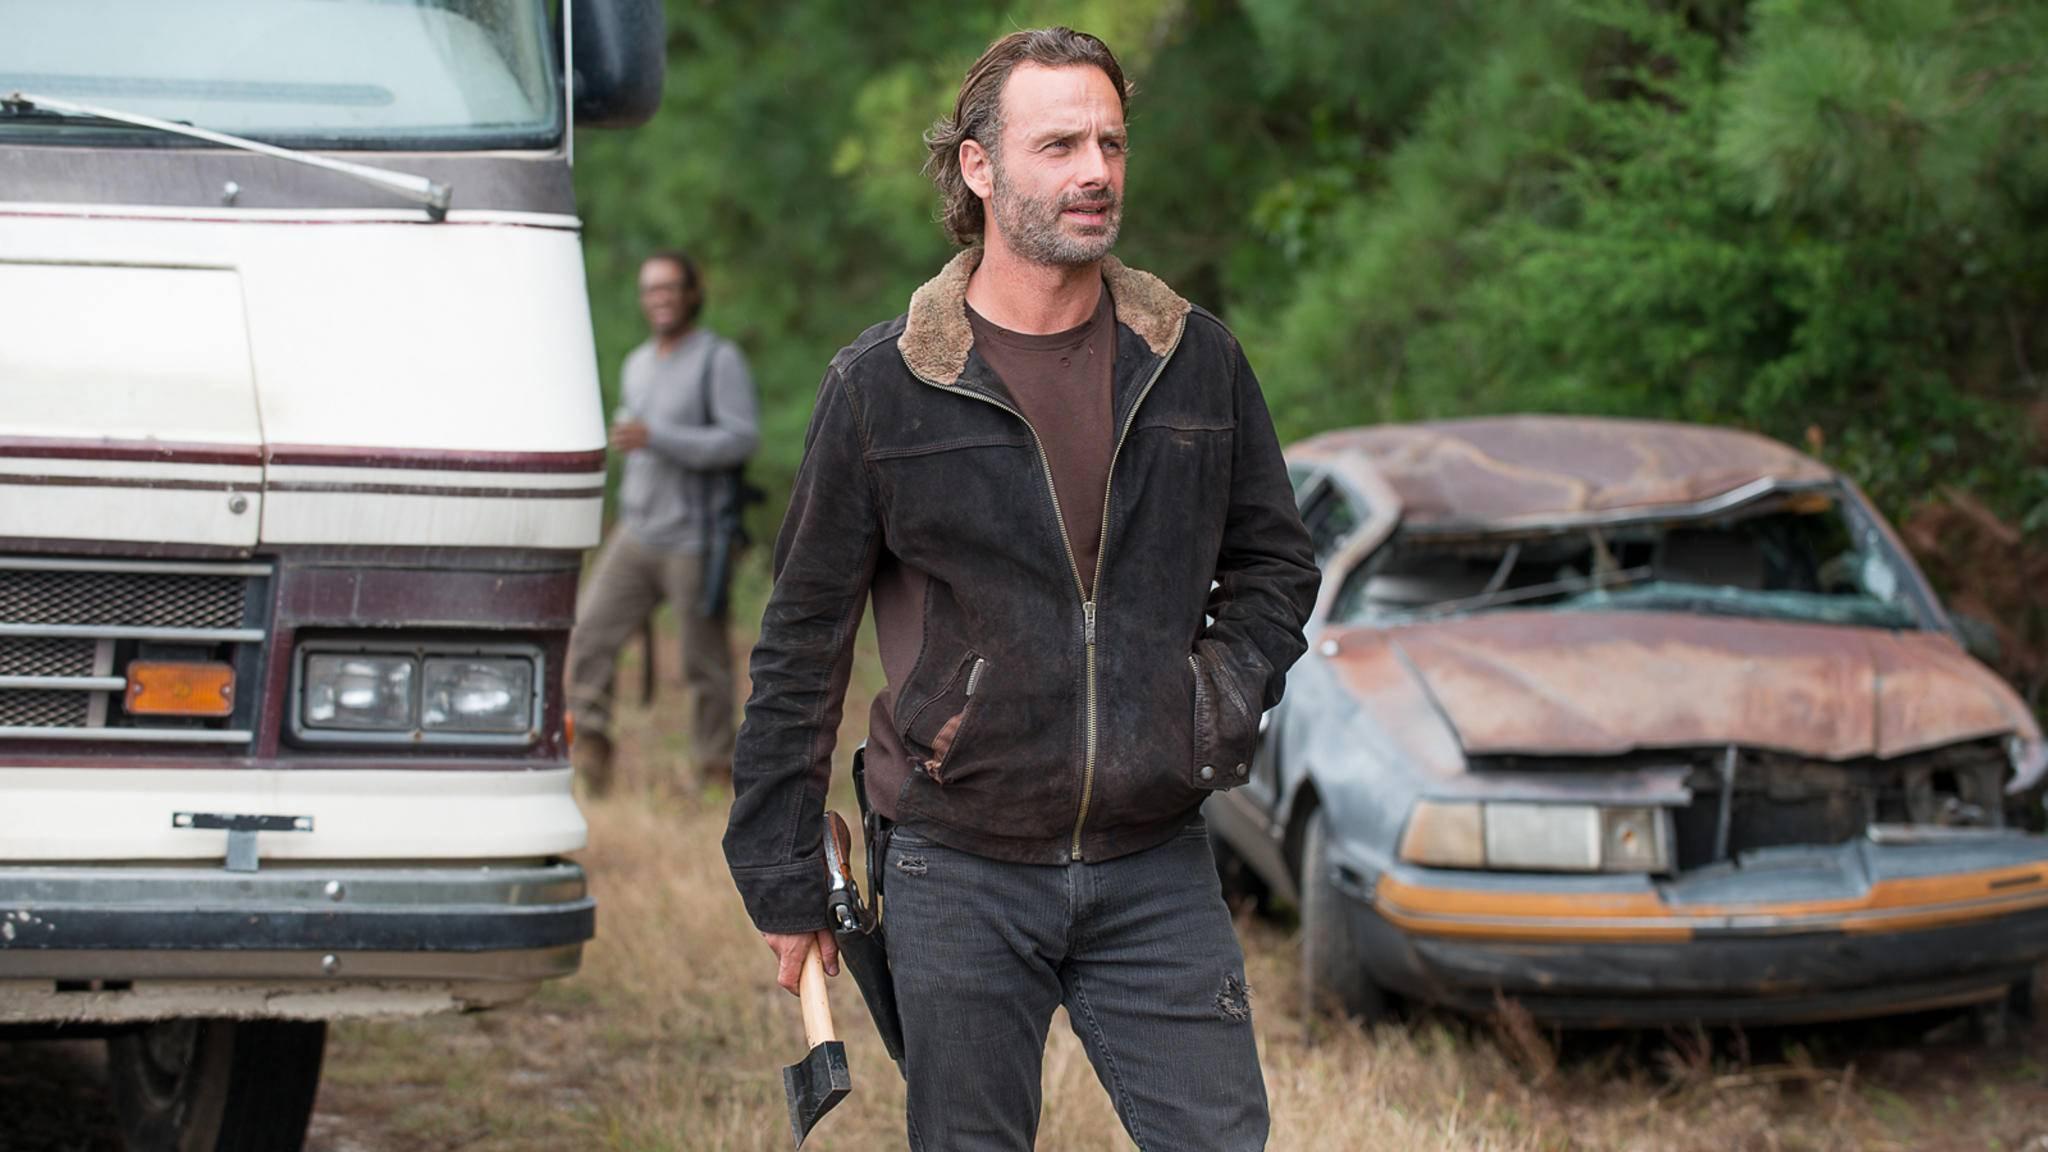 Die dunkelbraune Lederjacke gehört zu den liebsten Kleidungsstücken von Rick Grimes.